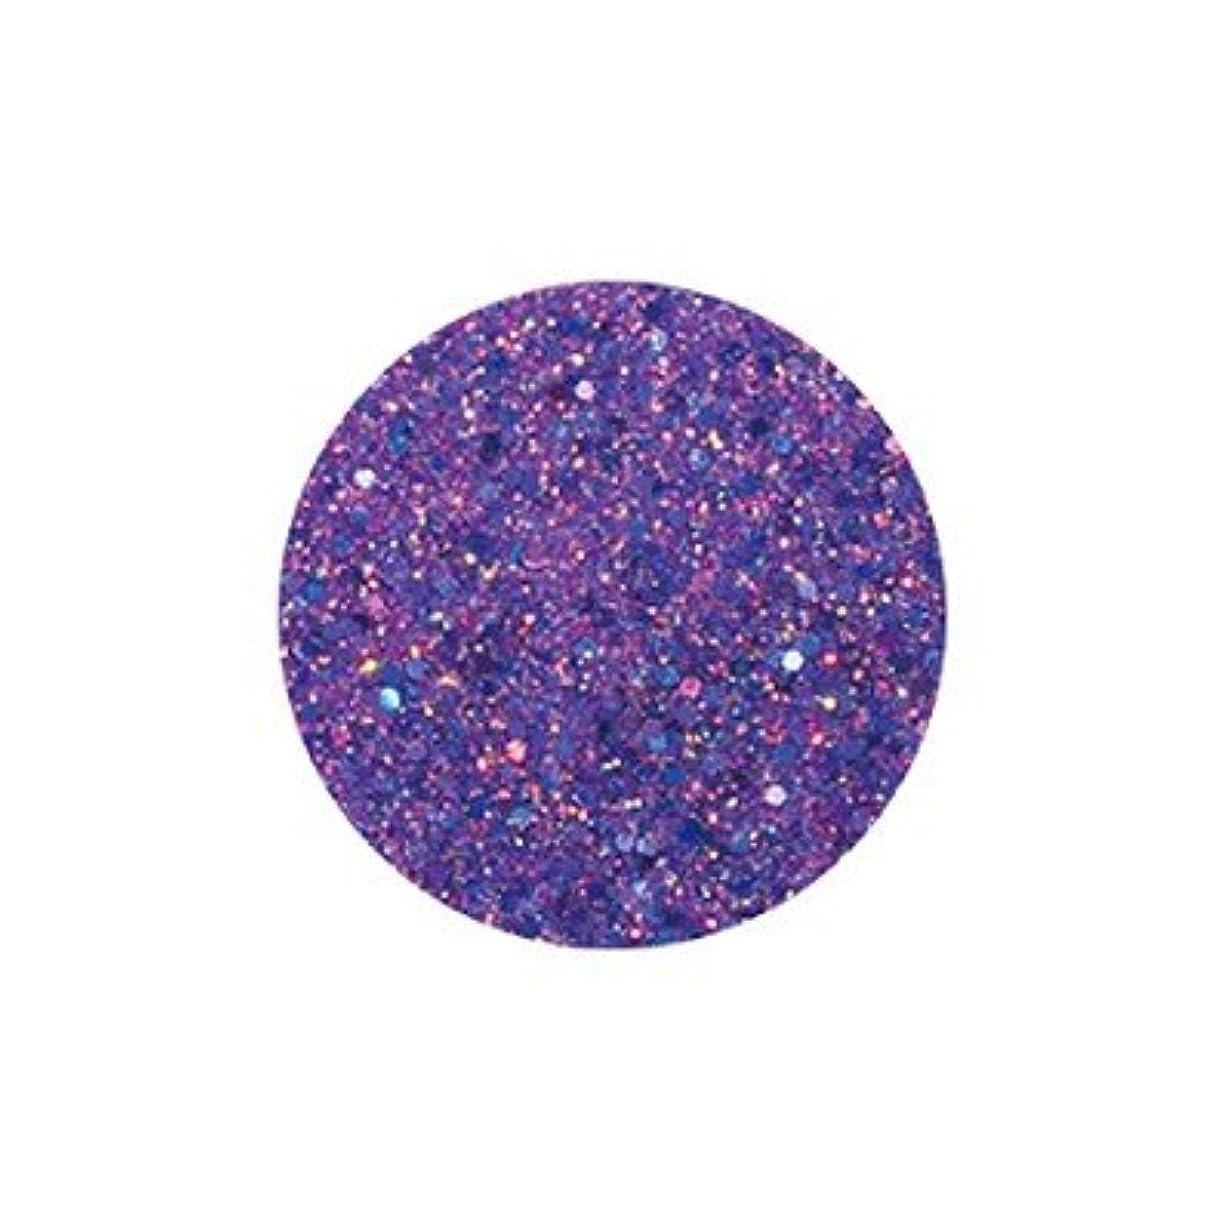 健康的呼吸曖昧なFANTASY NAIL ダイヤモンドコレクション 3g 4261XS カラーパウダー アート材